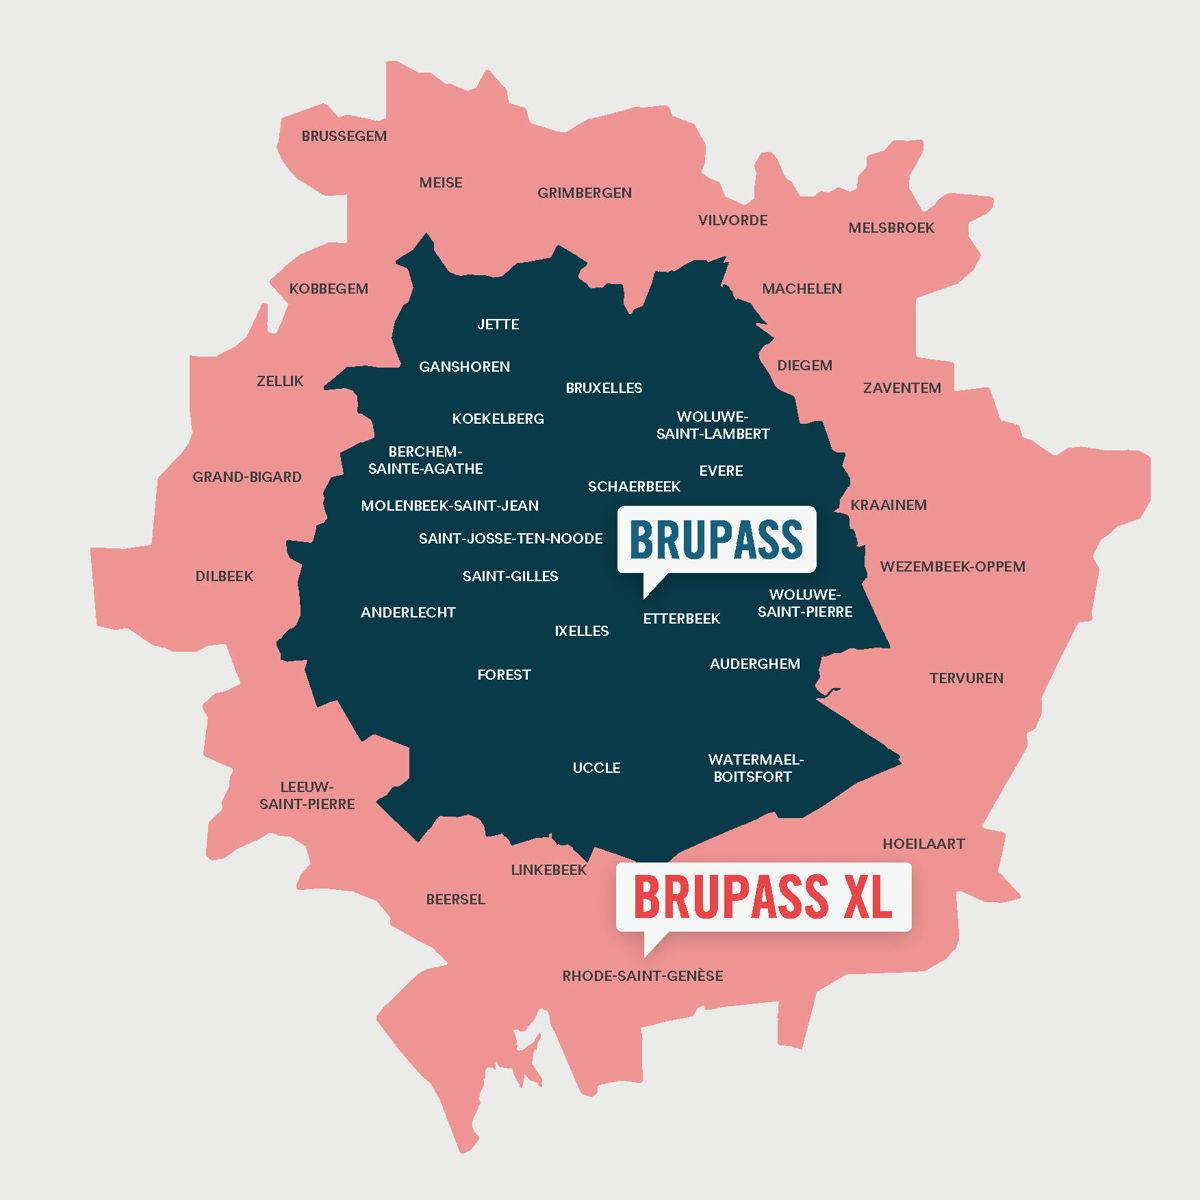 La zone BRUPASS XL comprend la zone actuelle de Bruxelles (ancienne « zone MTB », zone bleue sur la carte) ainsi que la zone étendue (zone rose sur la carte).